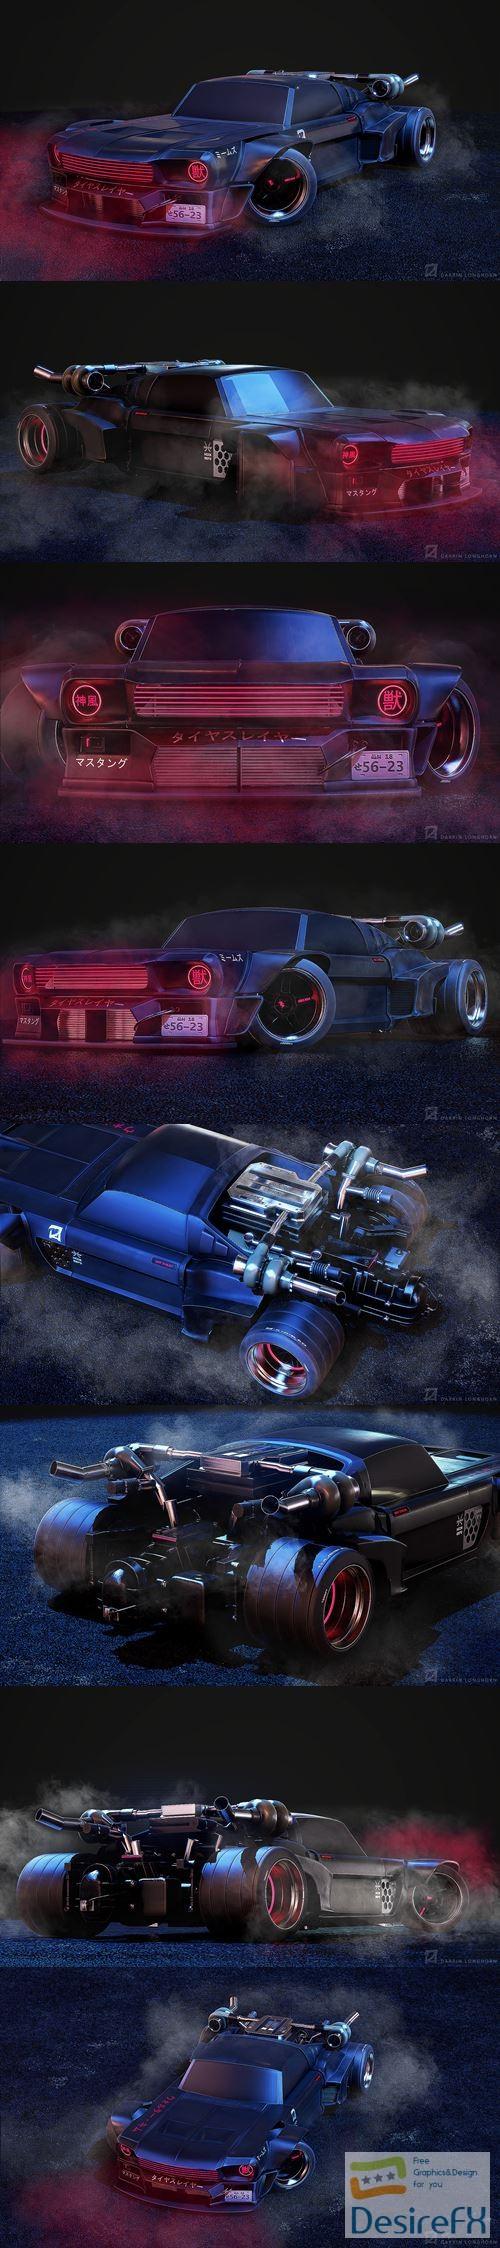 3d-models - Mustang 2067 3D Model